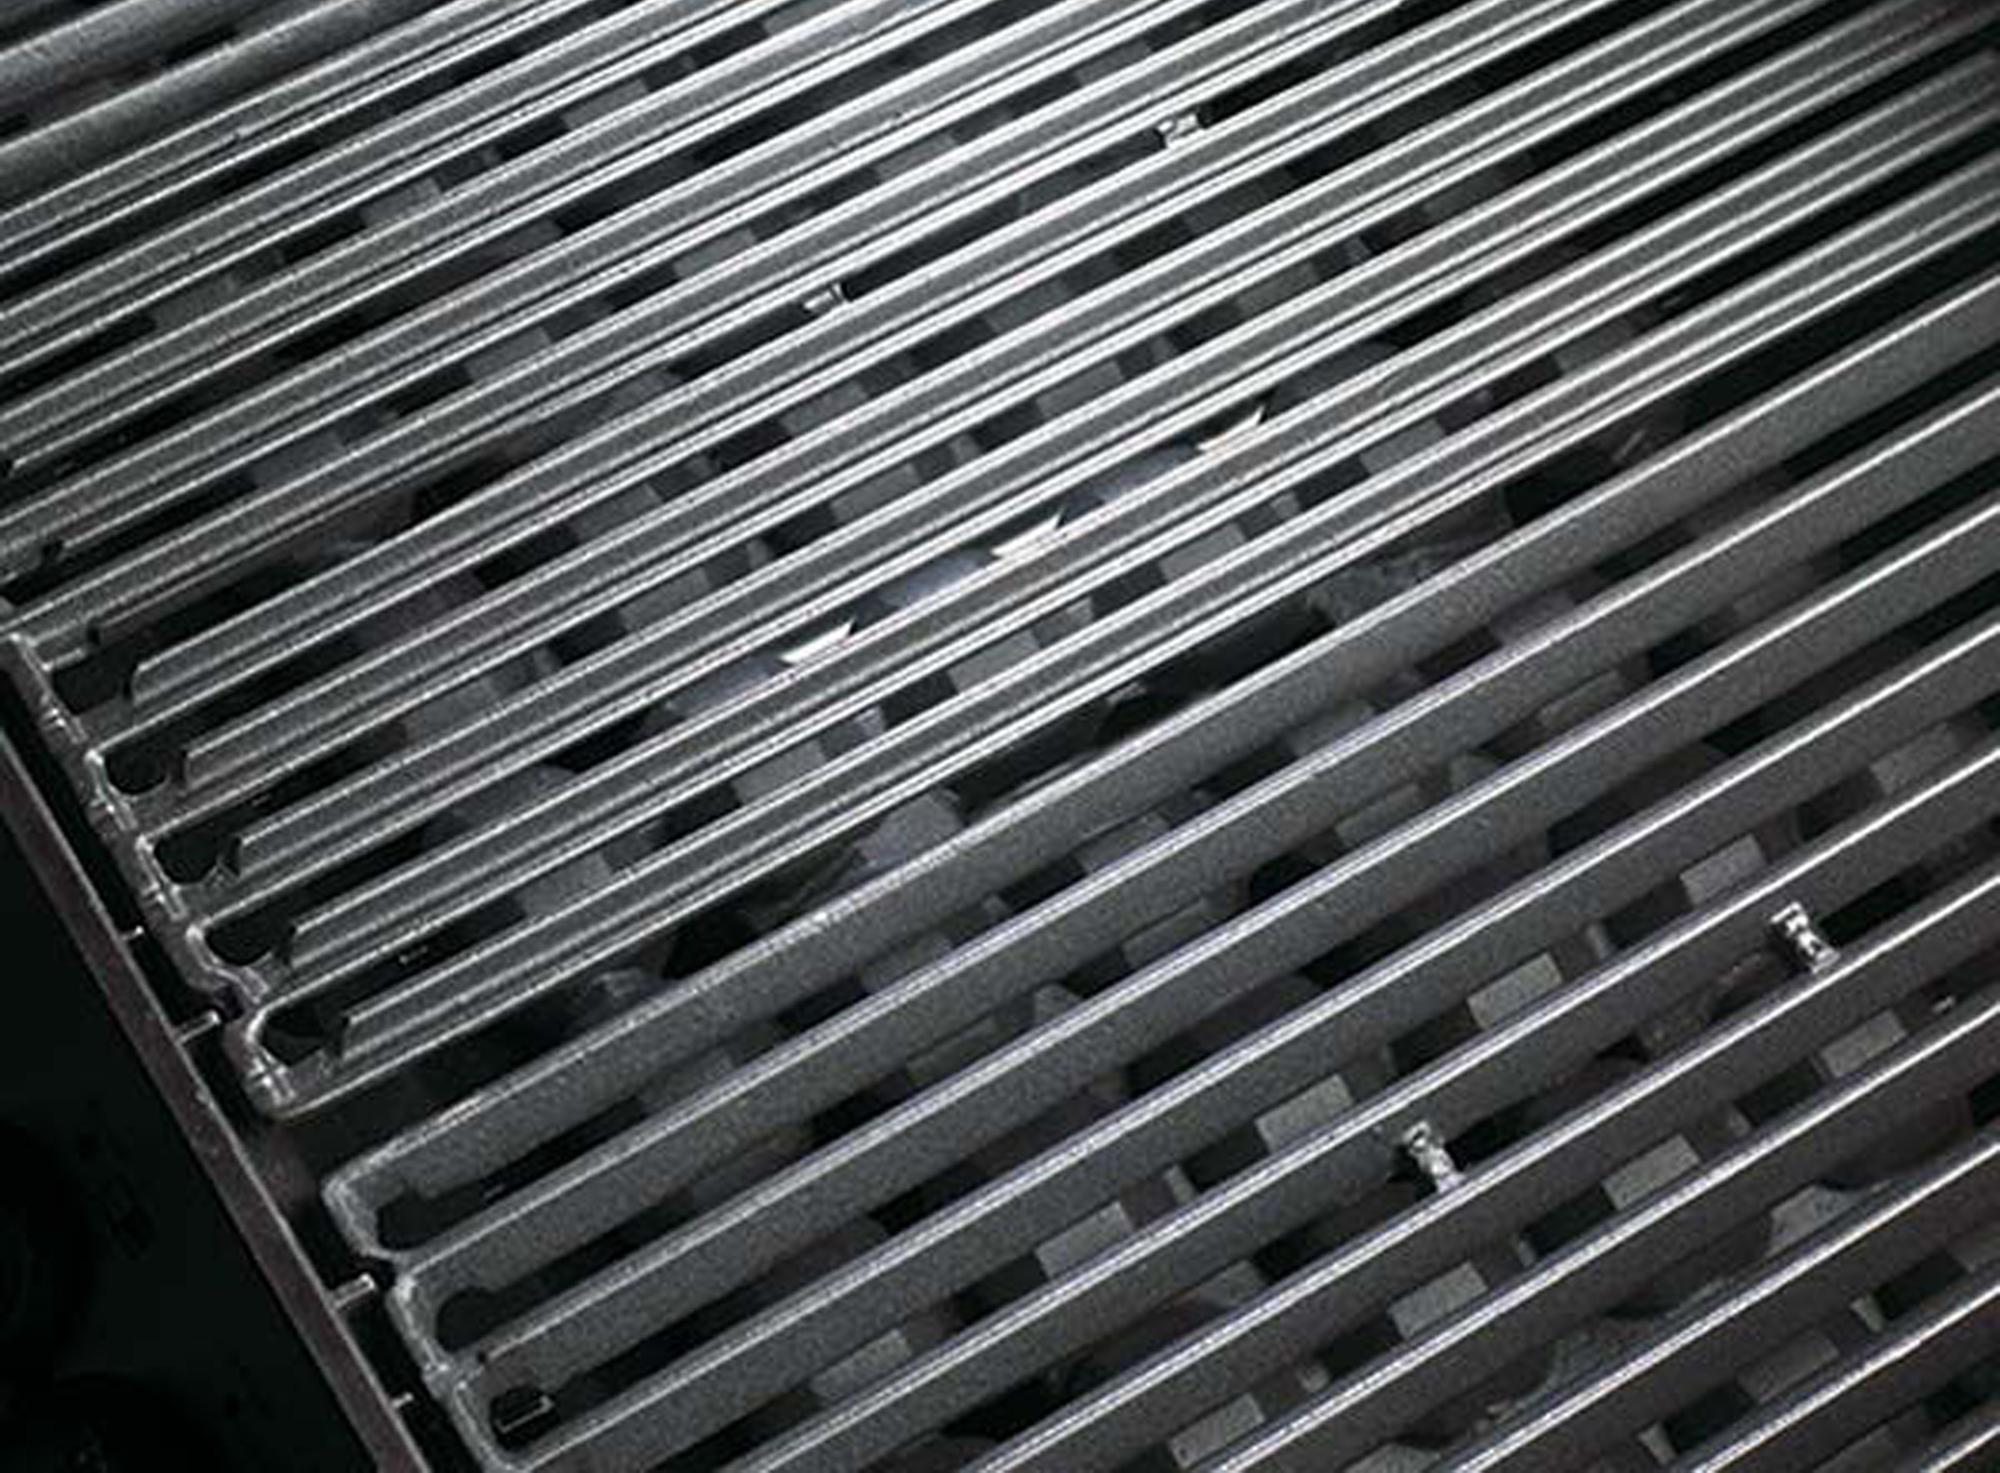 Aldi Fass Holzkohlegrill : Grillrost shop: gusseisen oder edelstahl grillrost kaufen